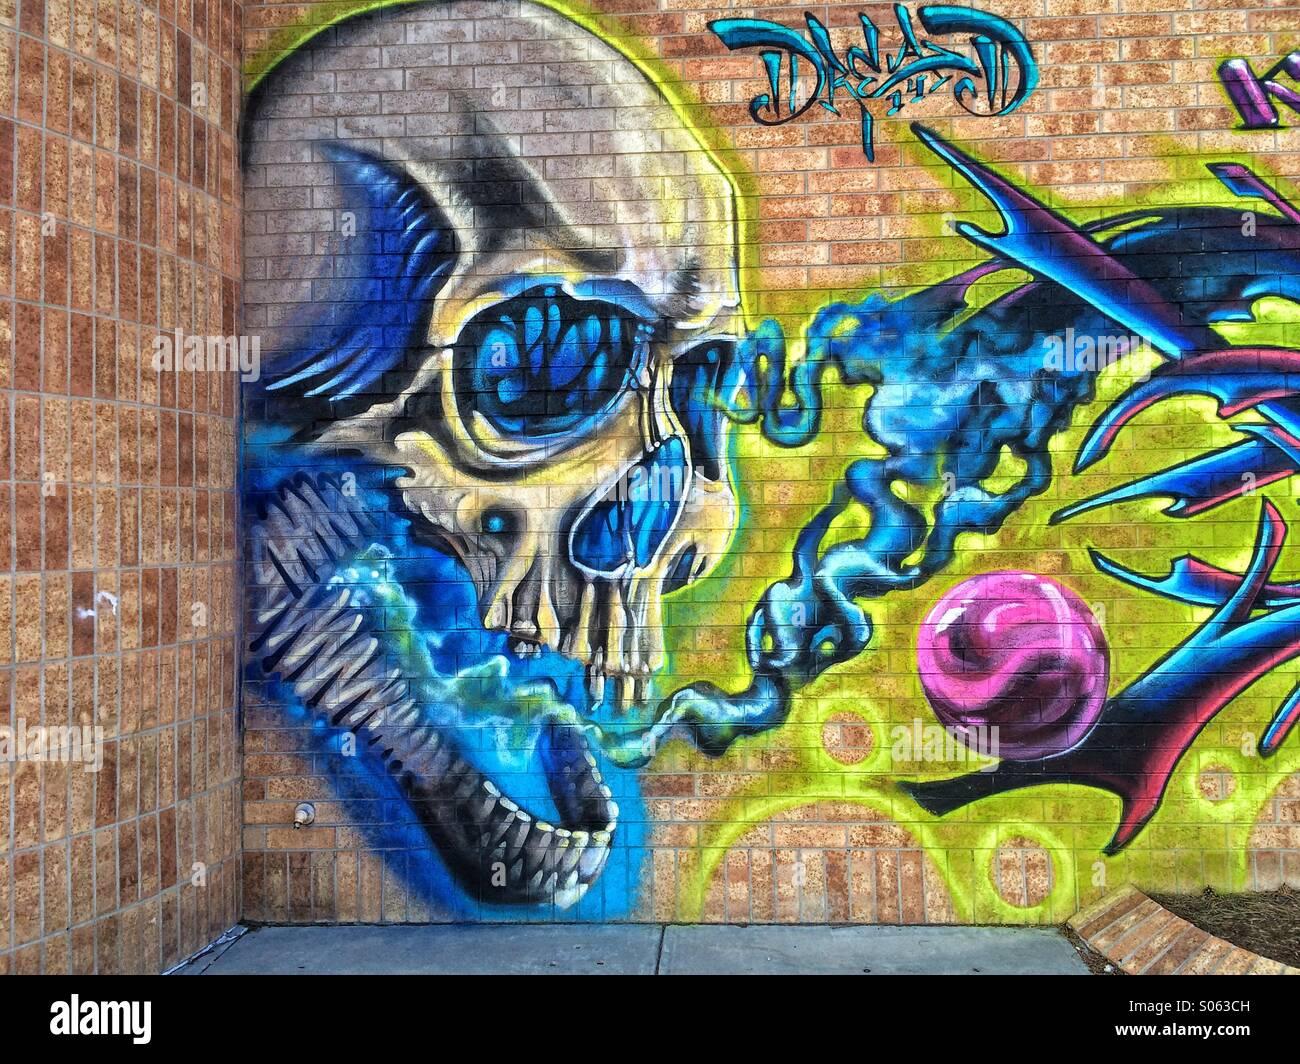 Skull graffiti on a brick wall